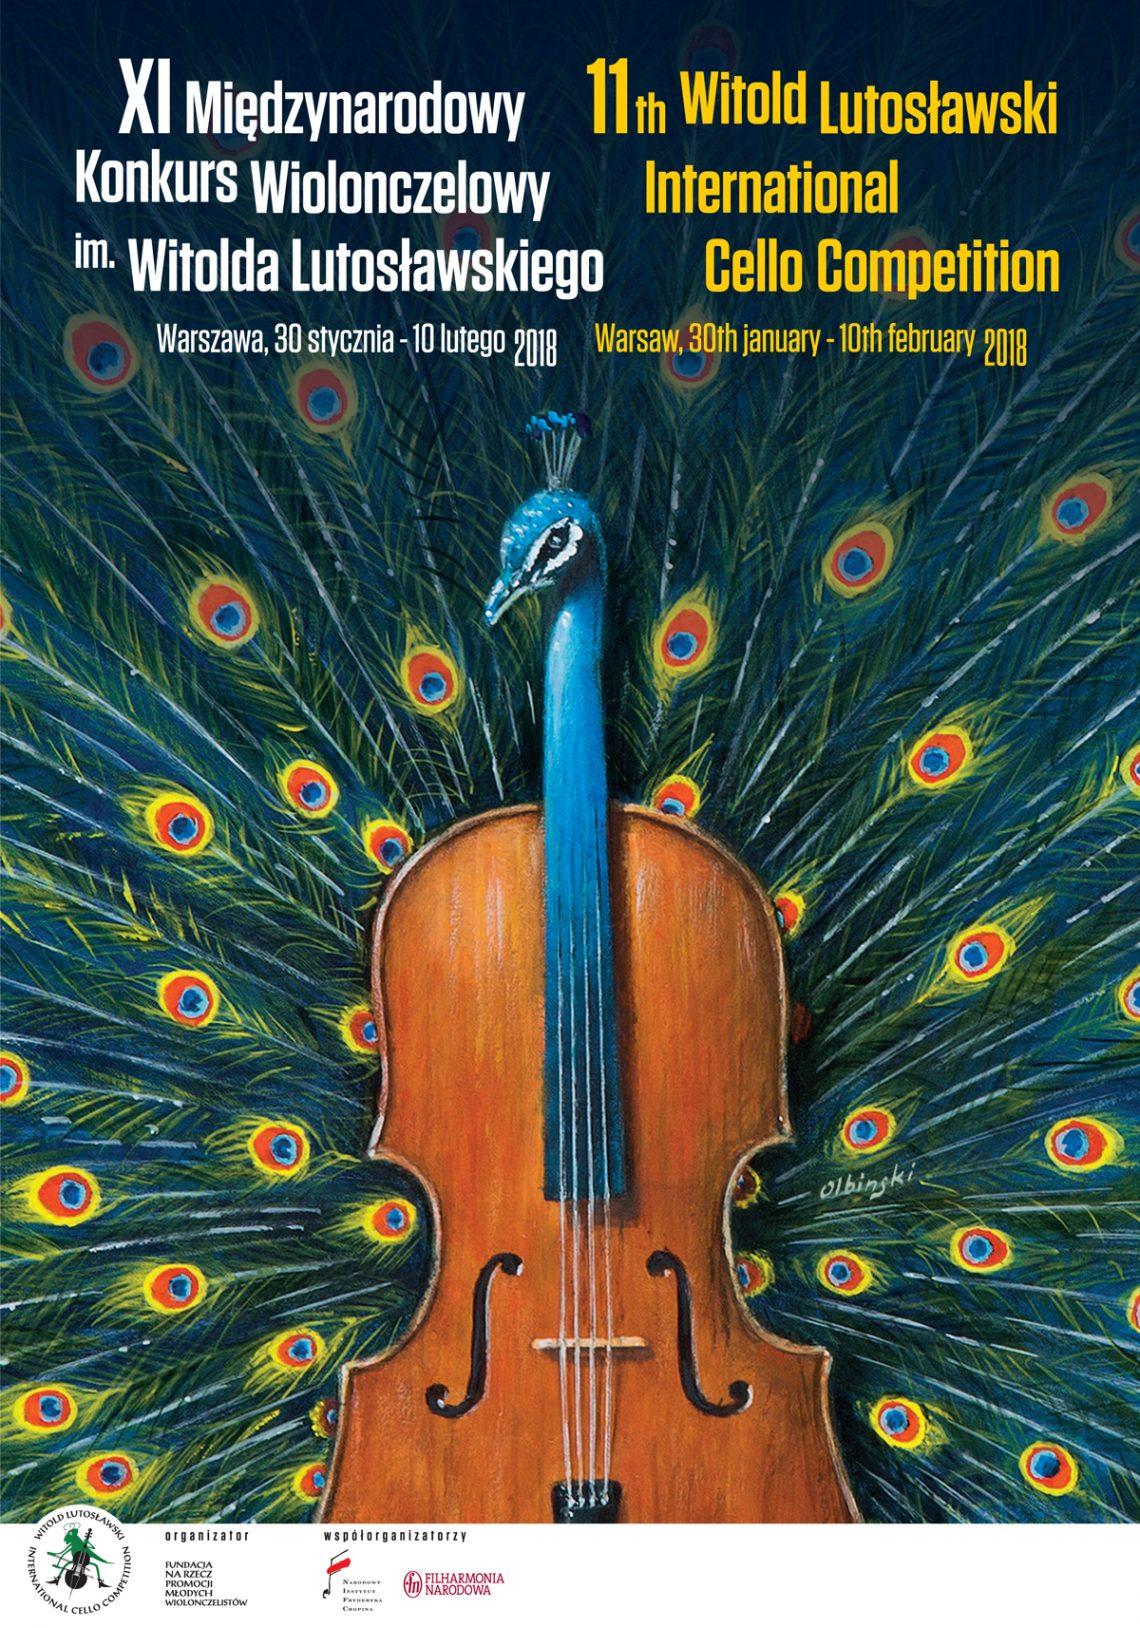 XI Międzynarodowy Konkurs Wiolonczelowy im. Witolda Lutosławskiego, plakat festiwalu